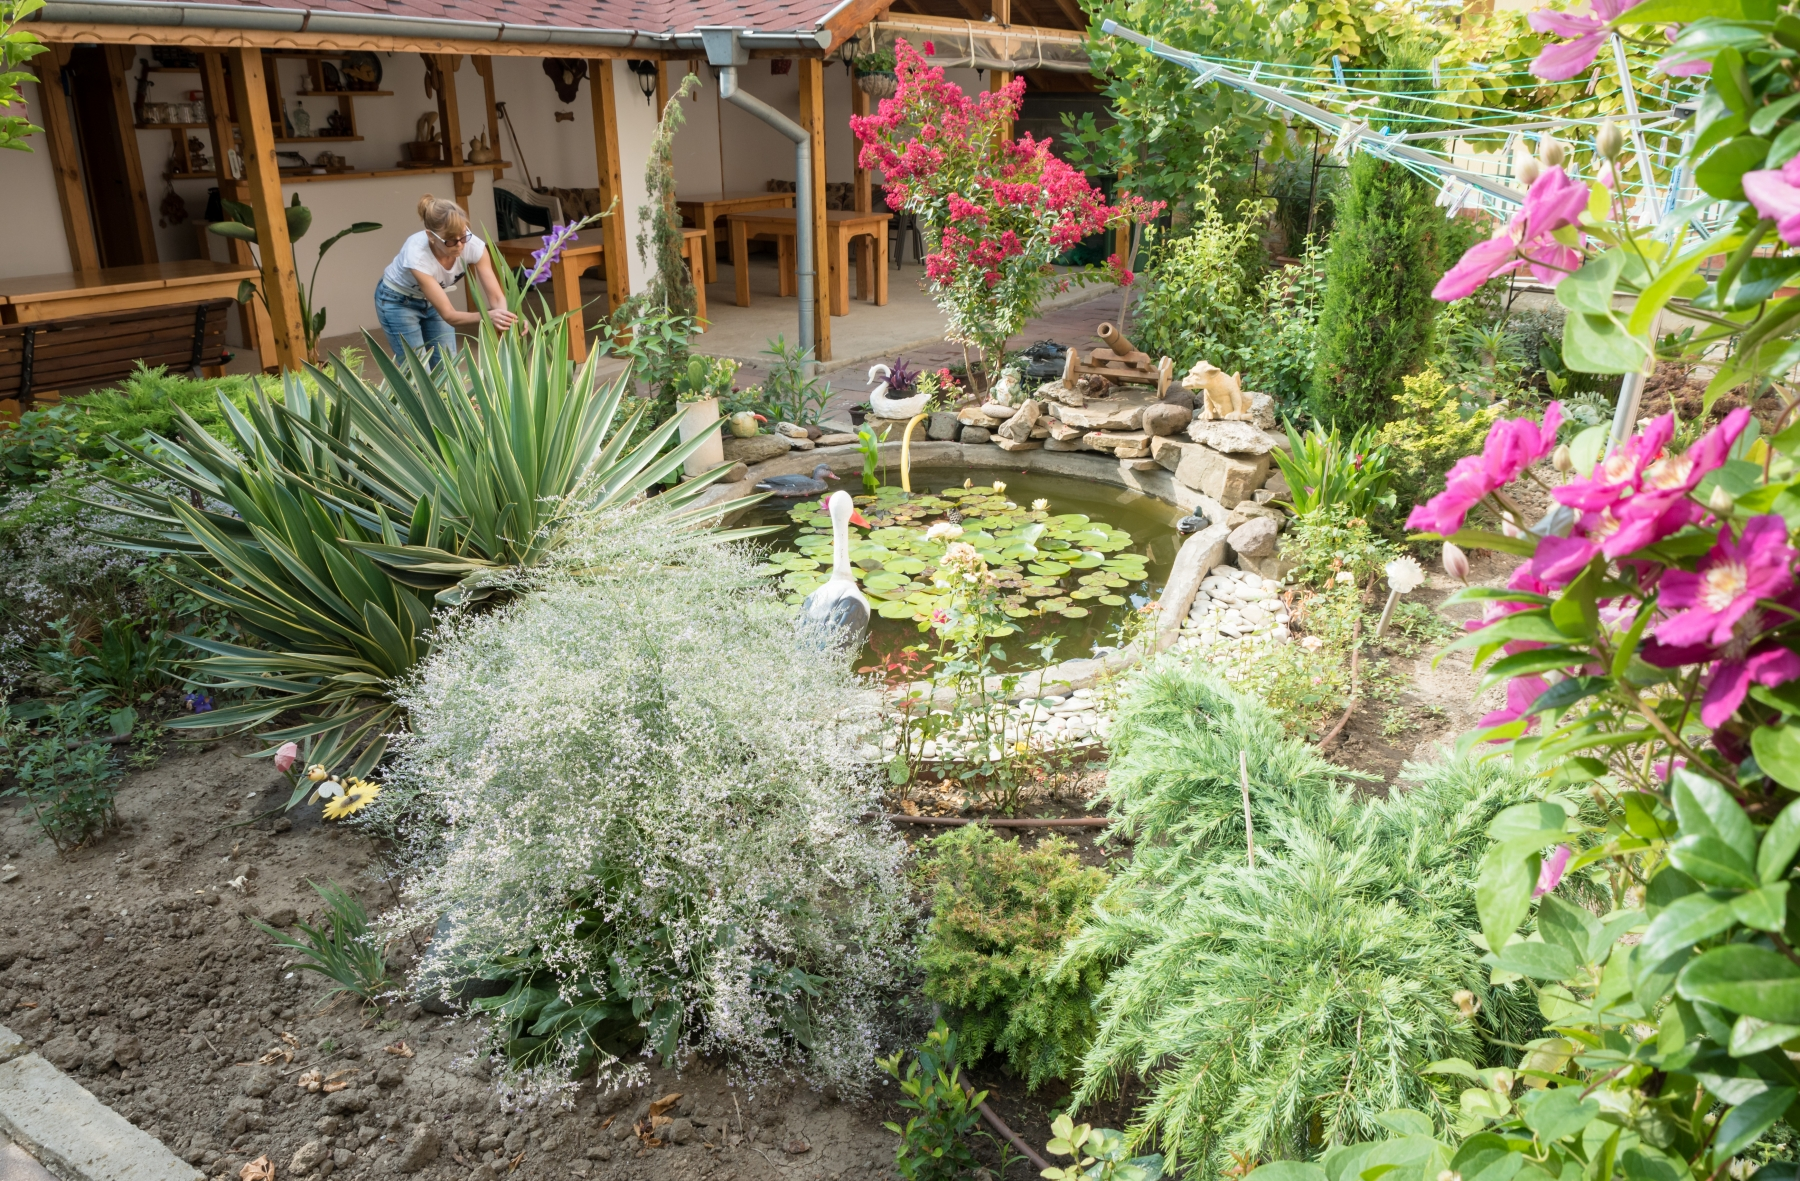 Екзотична градина с редки растения и цветя, две малки езерца с декоративни рибки и просторен навес с барбекю в задния двор.